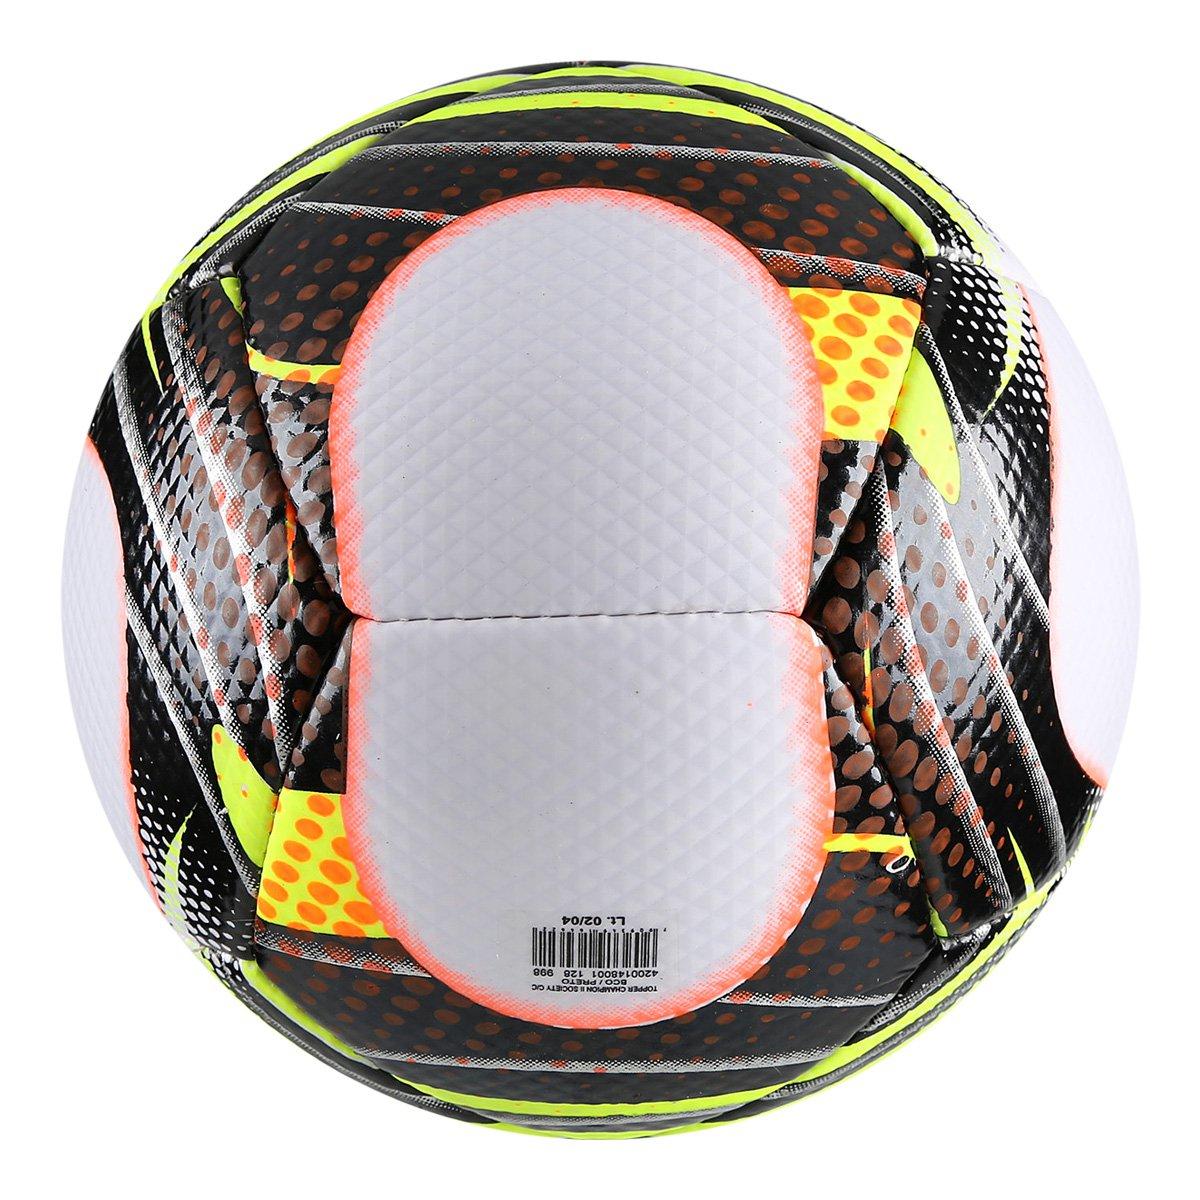 Bola Futebol Society Topper Champion II - Branco e Preto - Compre ... fda1ebbe2fd5f